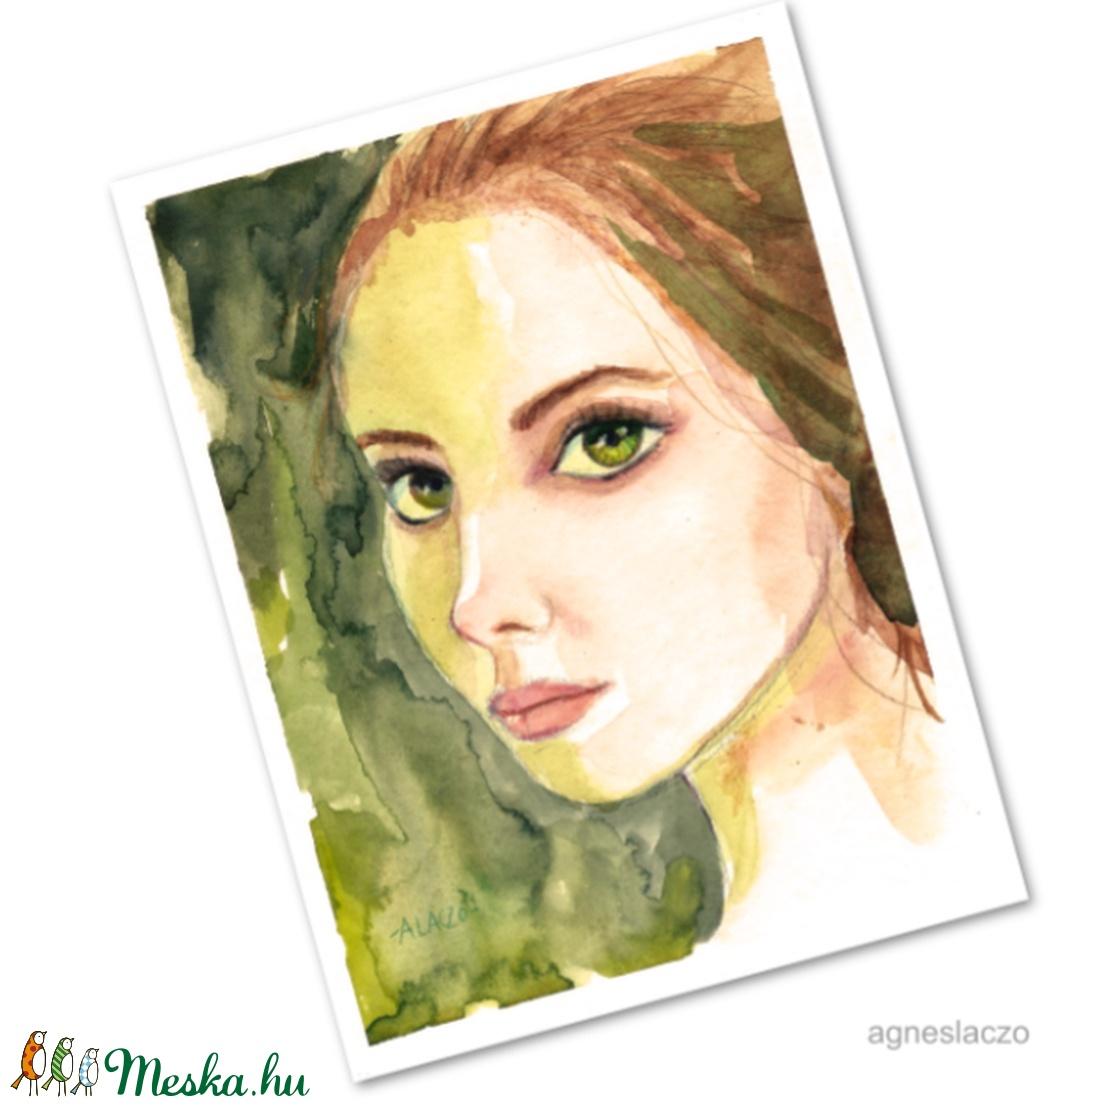 Zöldszemű lány - művészet - festmény - akvarell - Meska.hu